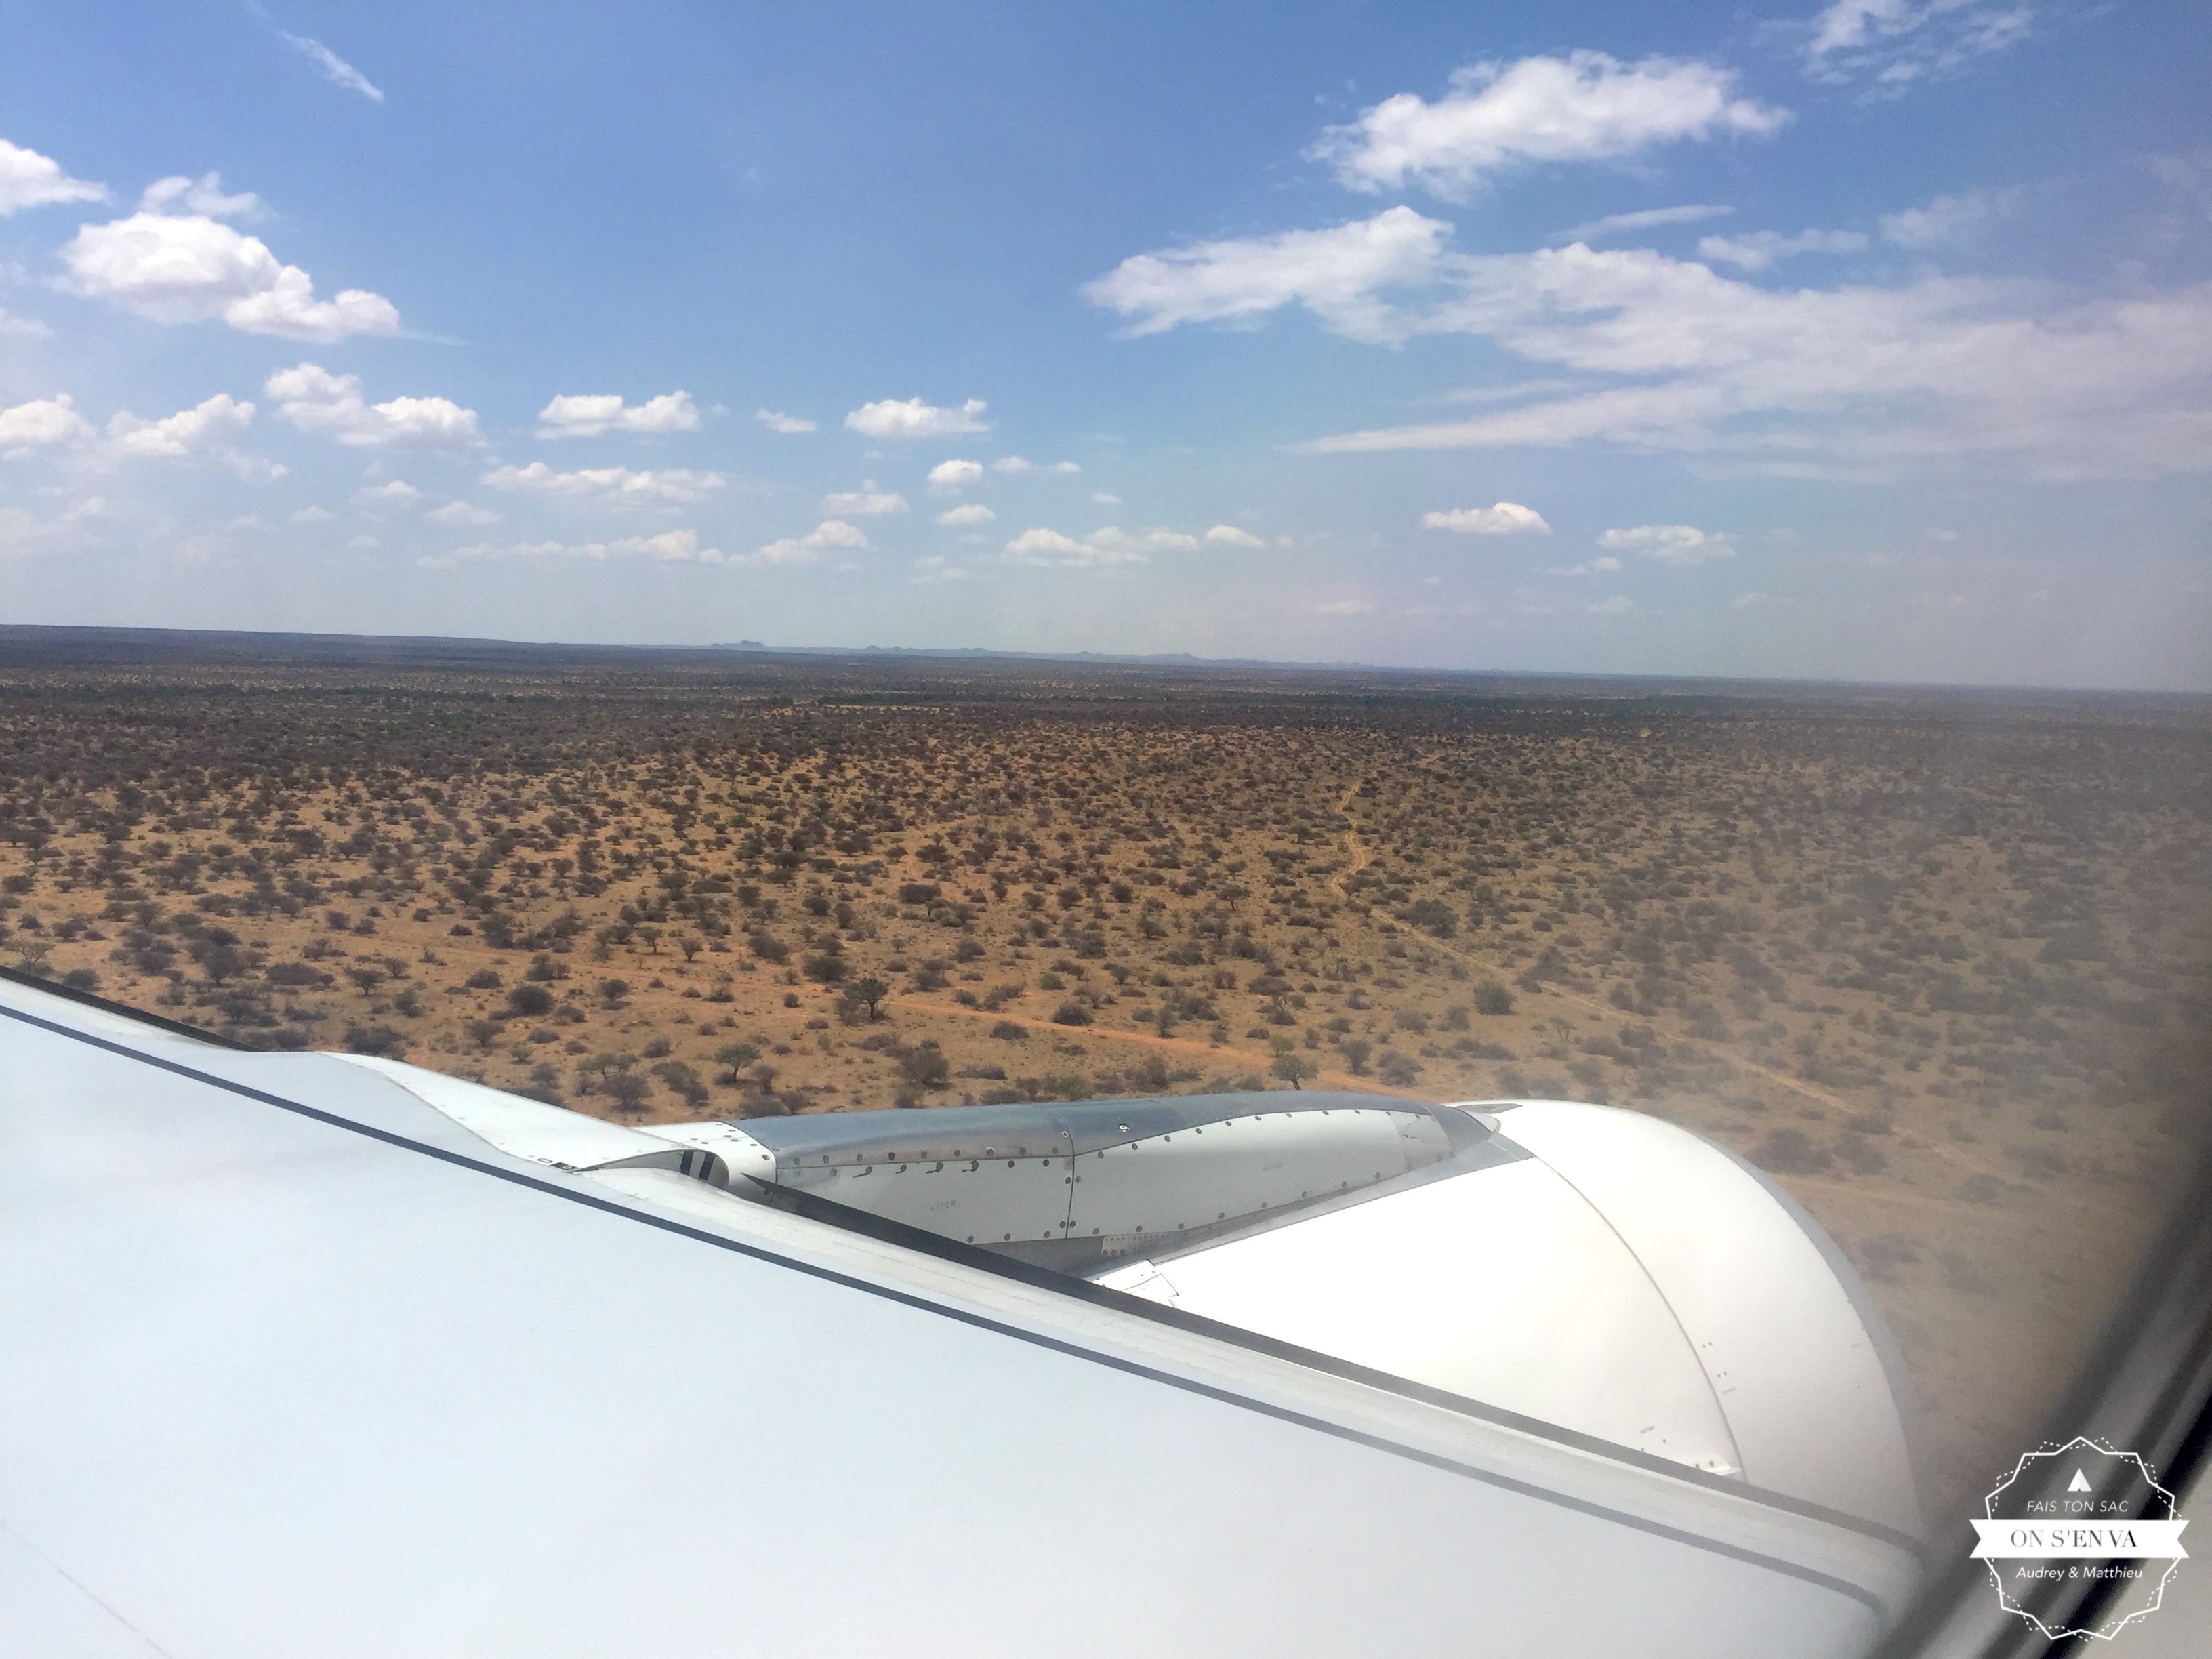 Arrivée en Namibie